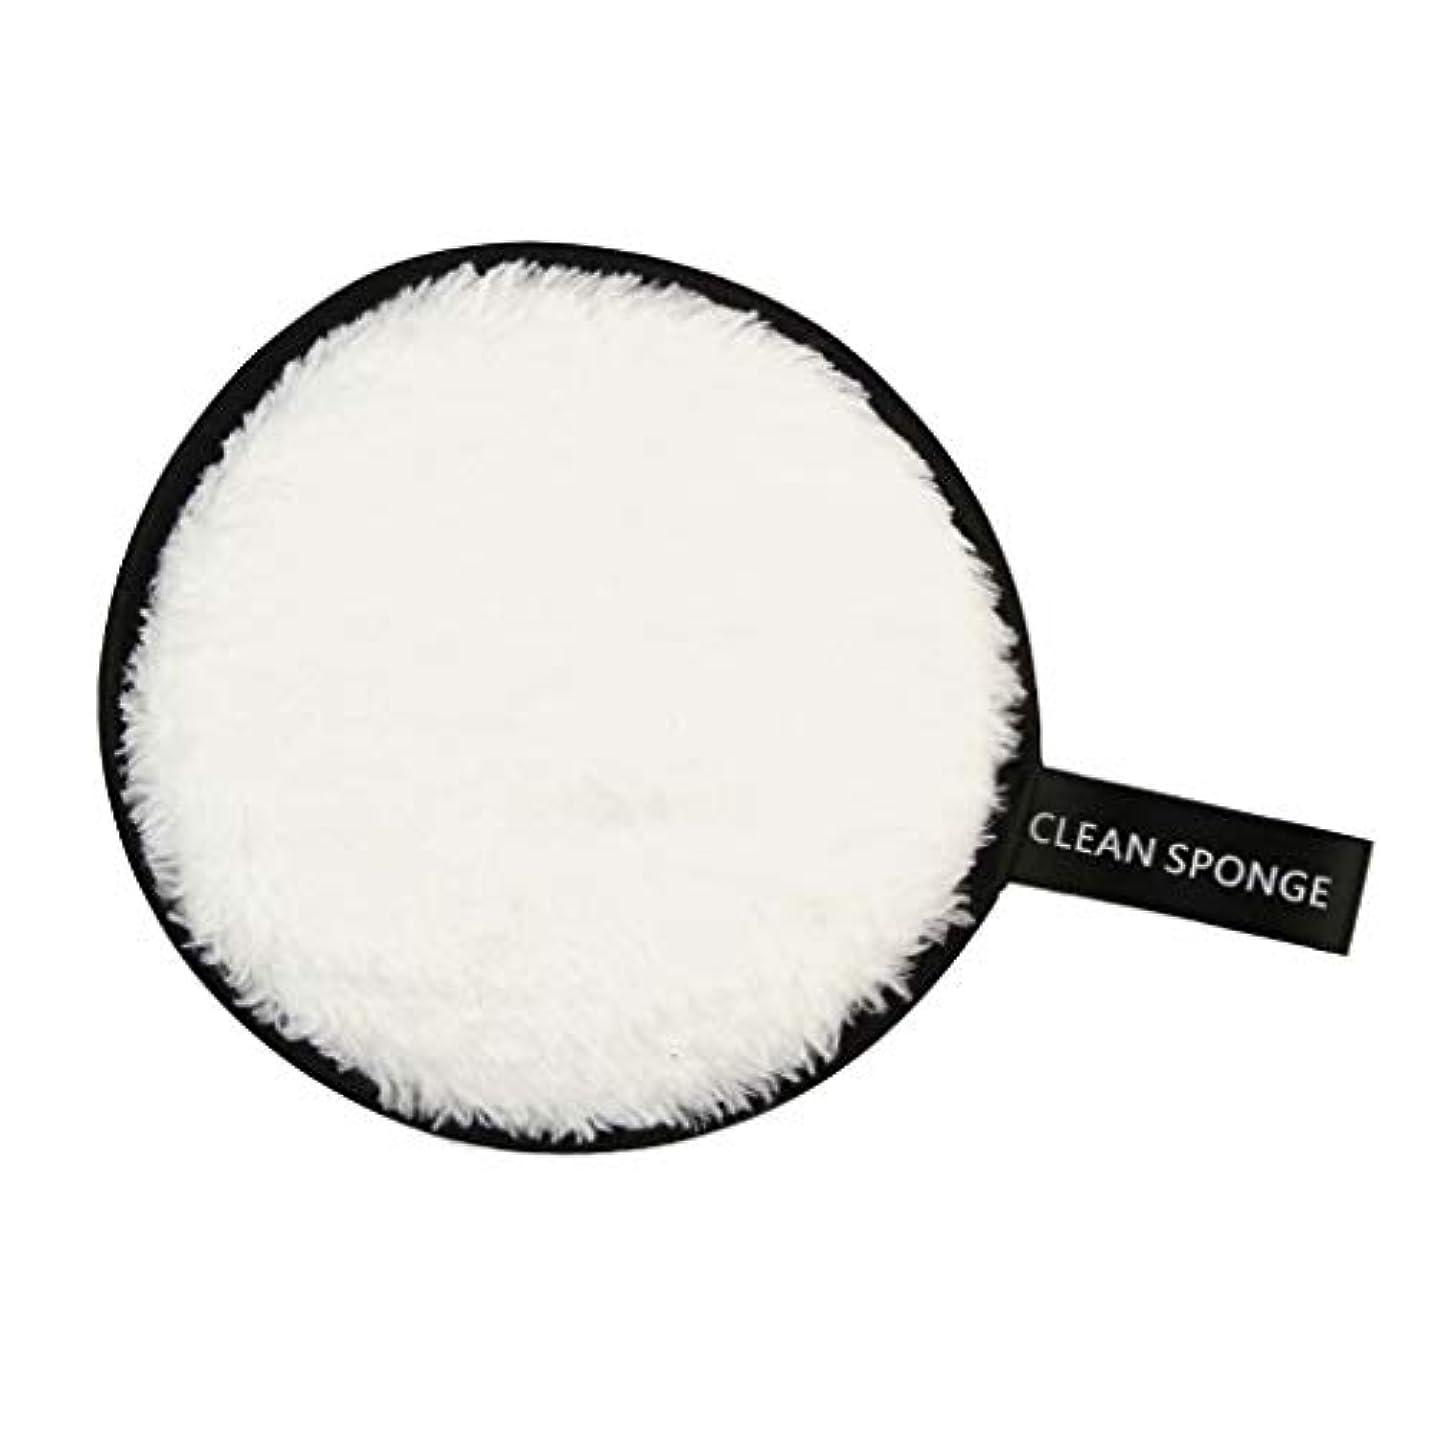 やめるシリーズ医薬品全6色 フェイススポンジ 再利用可能 洗顔パフ クリーニングパフ 化粧落としパッド - 白